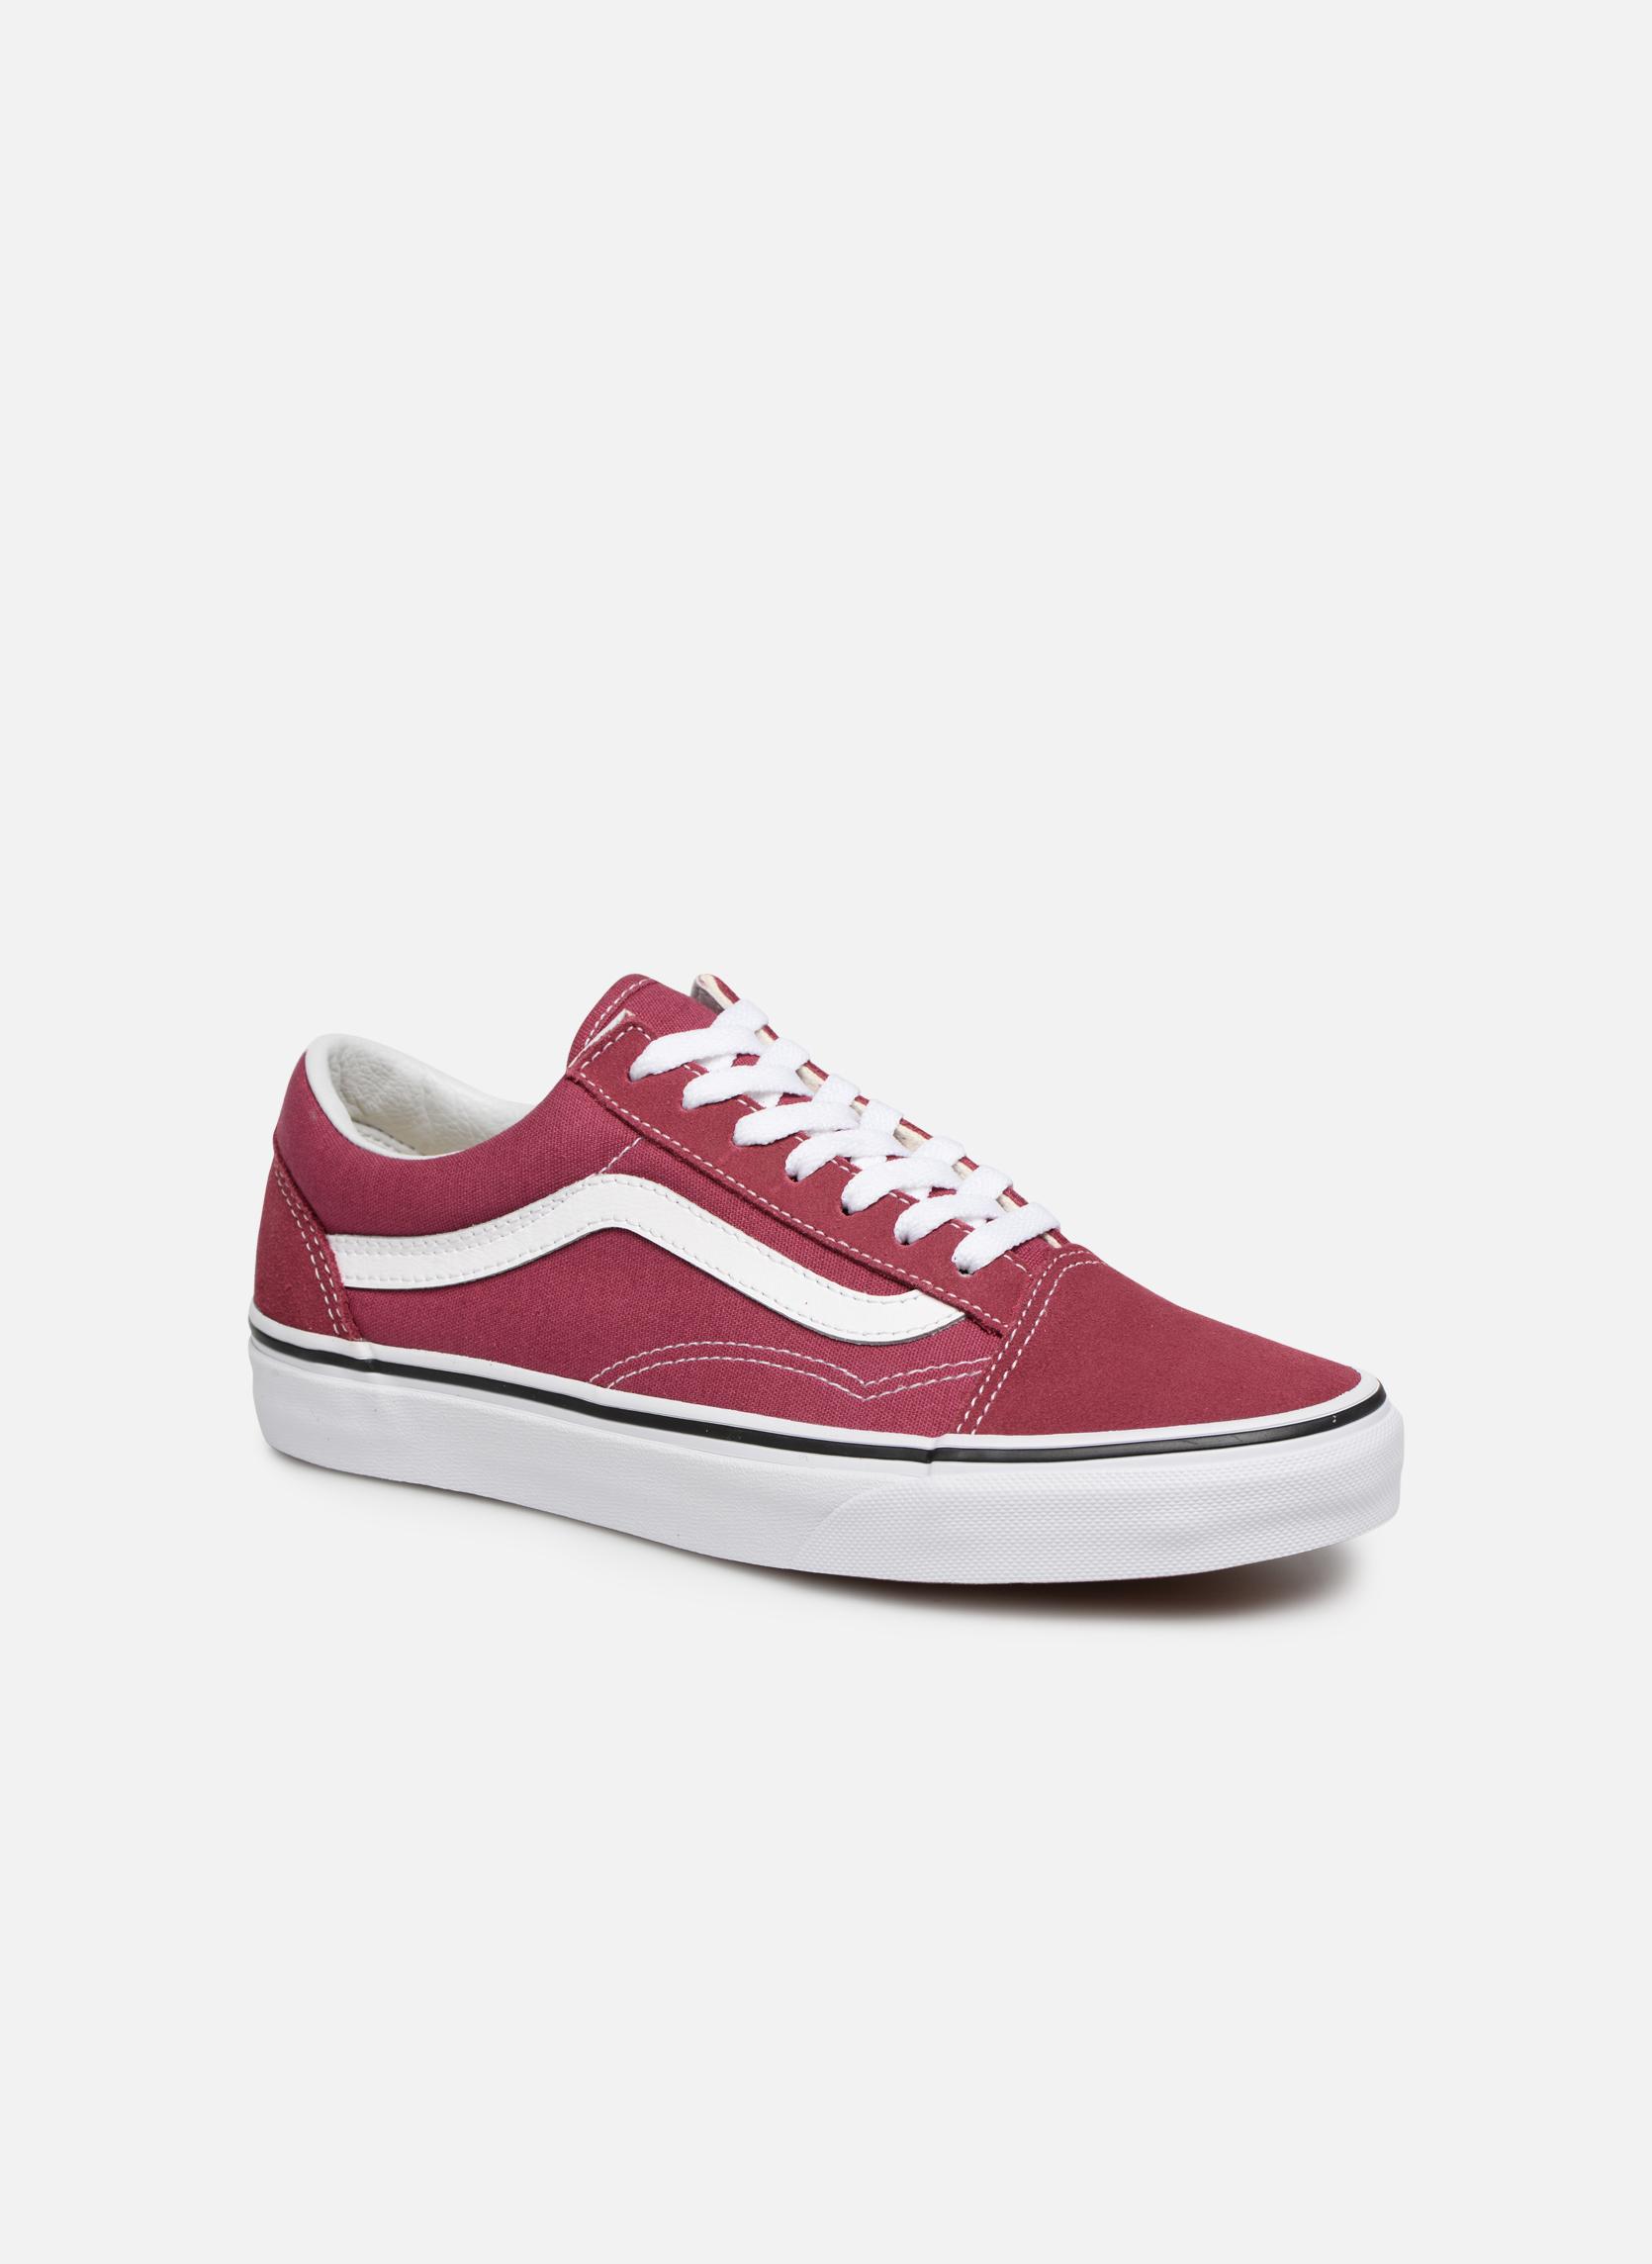 e5124c0b94 Rode Sneakers van Vans maat 39 Tot € 175